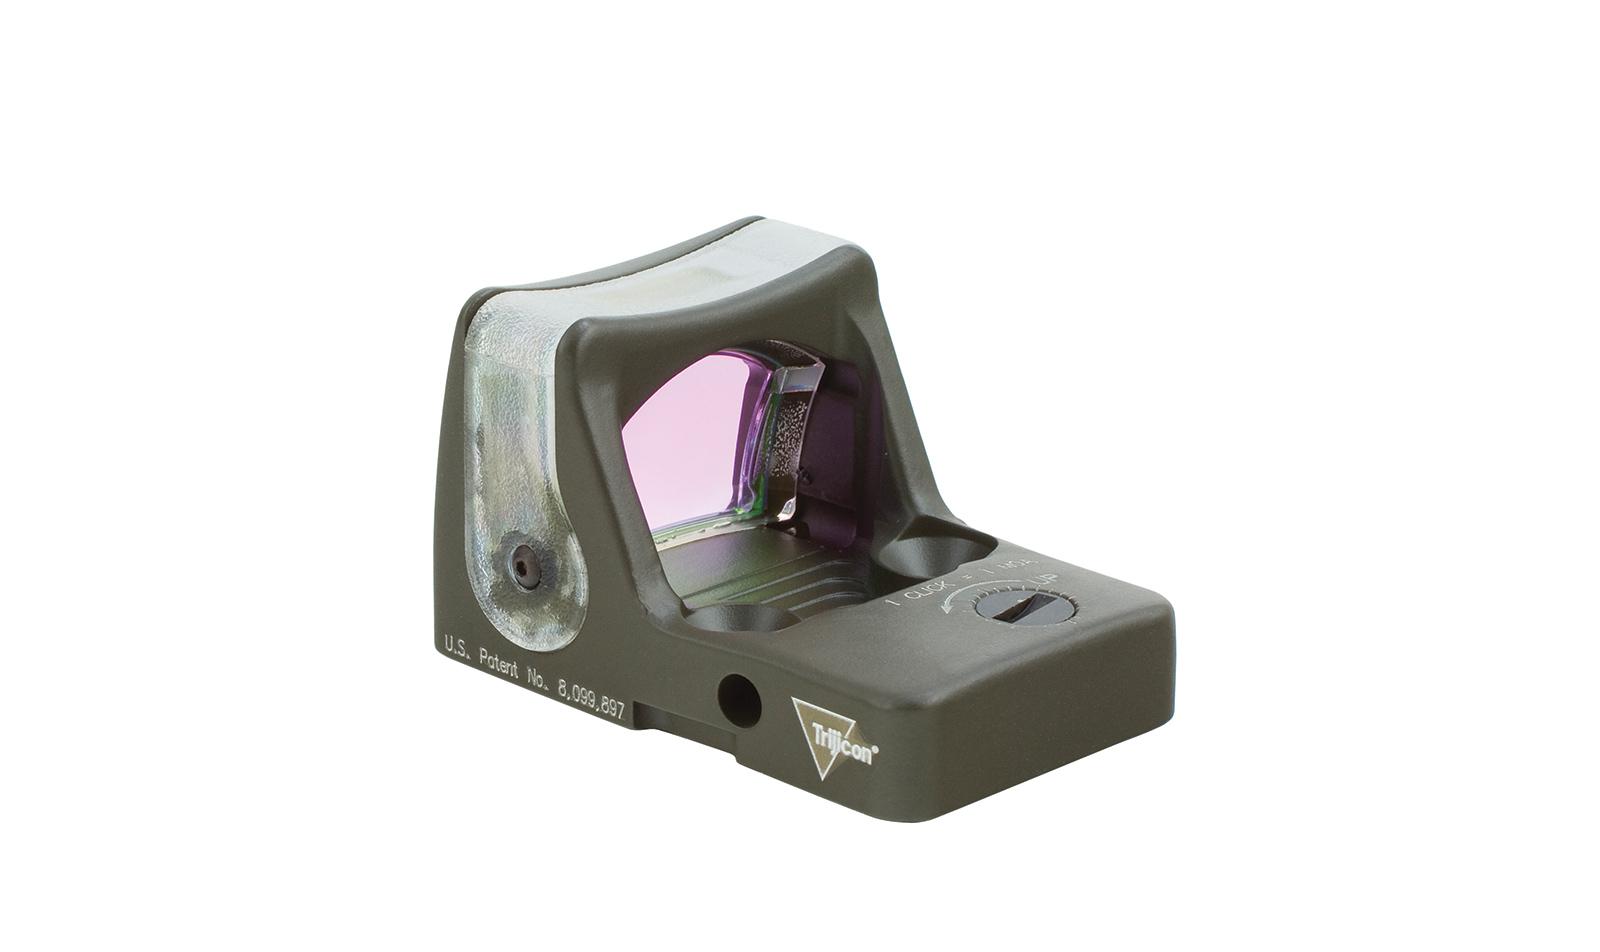 RM08-C-700257 angle 3